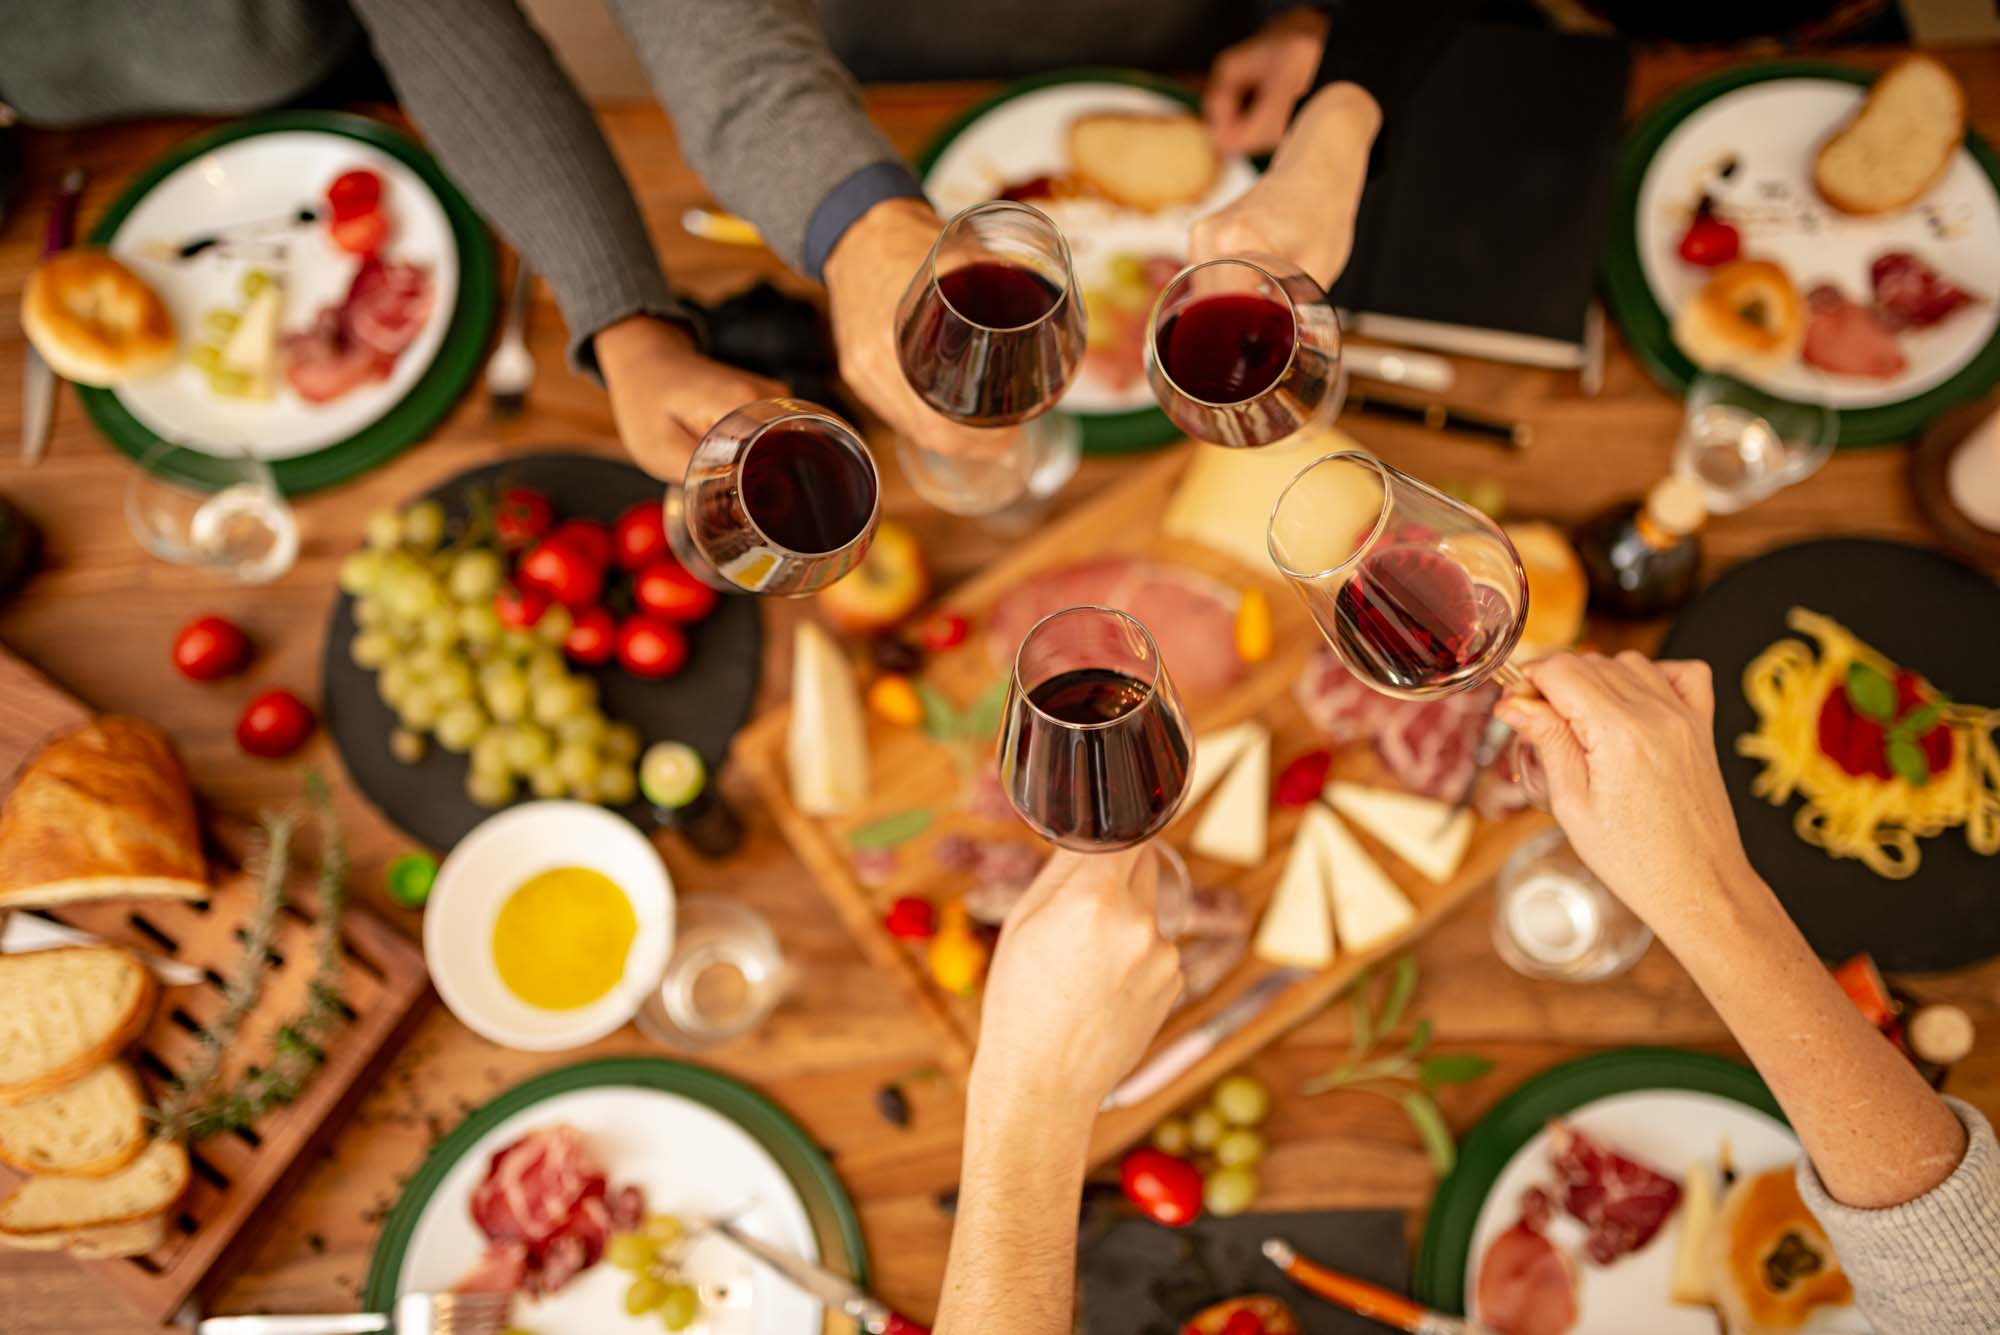 Corsi Di Cucina Cene Aziendali a Firenze